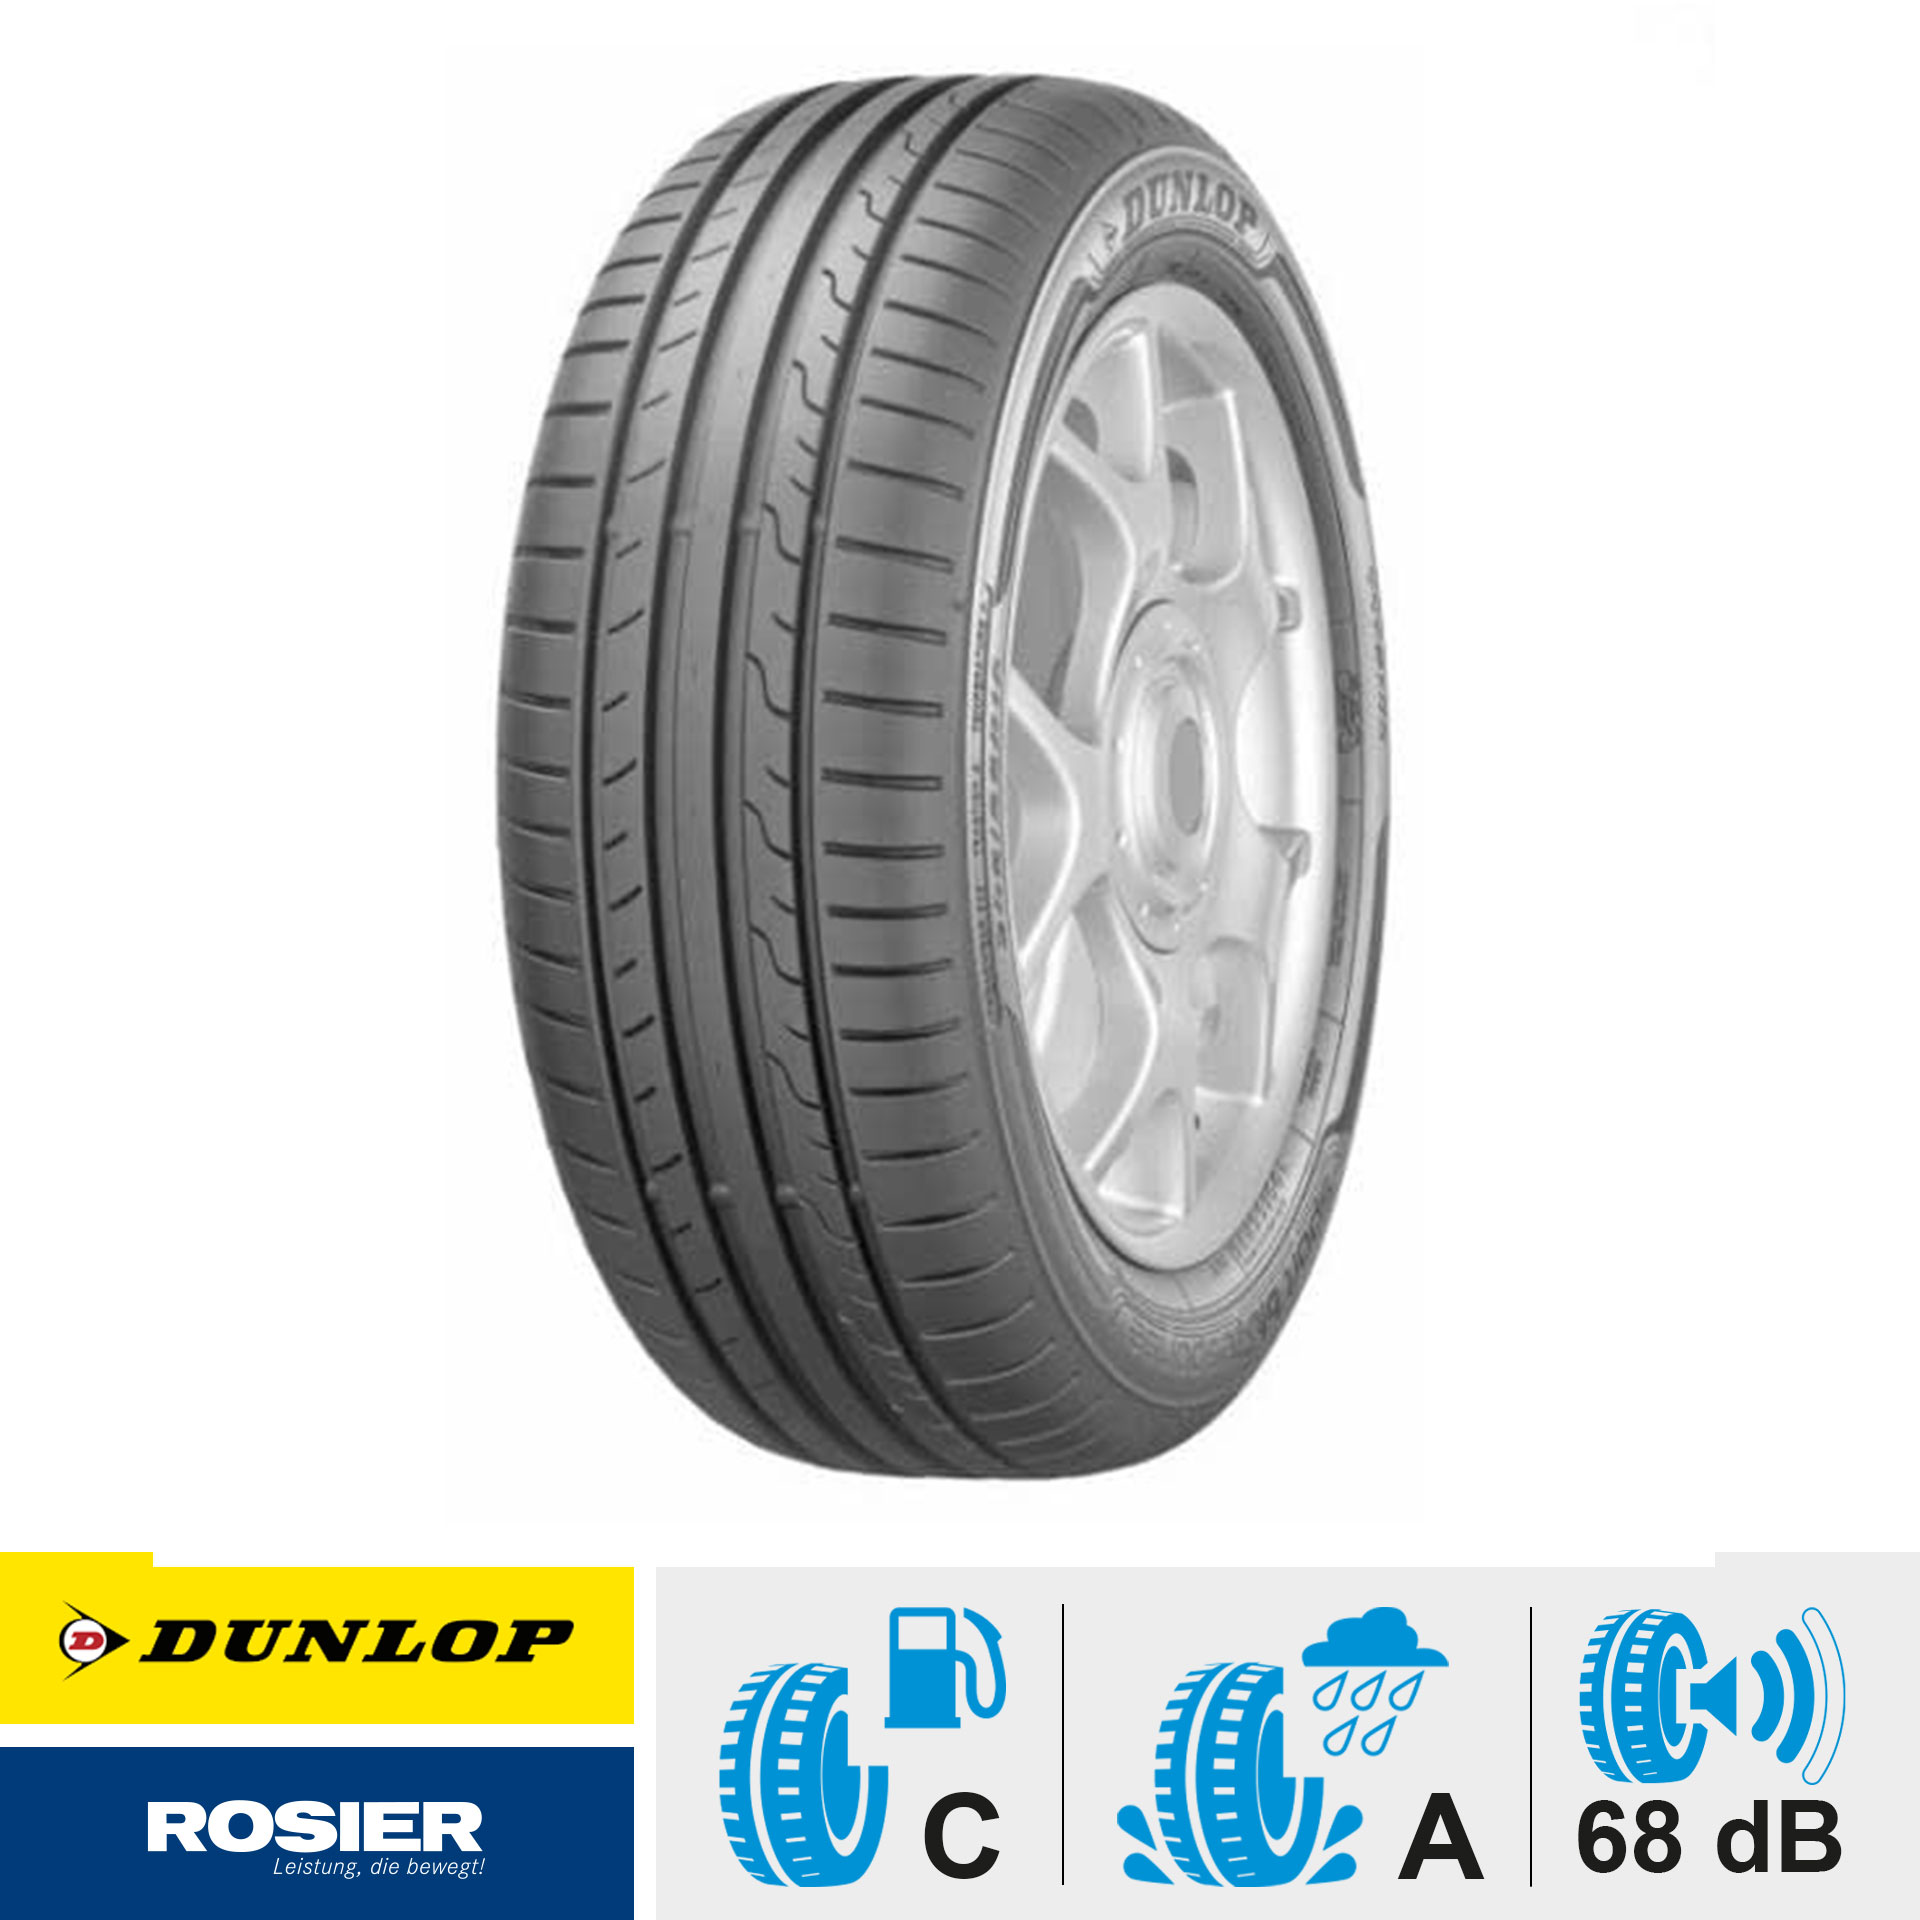 205/60 R16 95V Dunlop Sport BluResponse - Sommerreifen